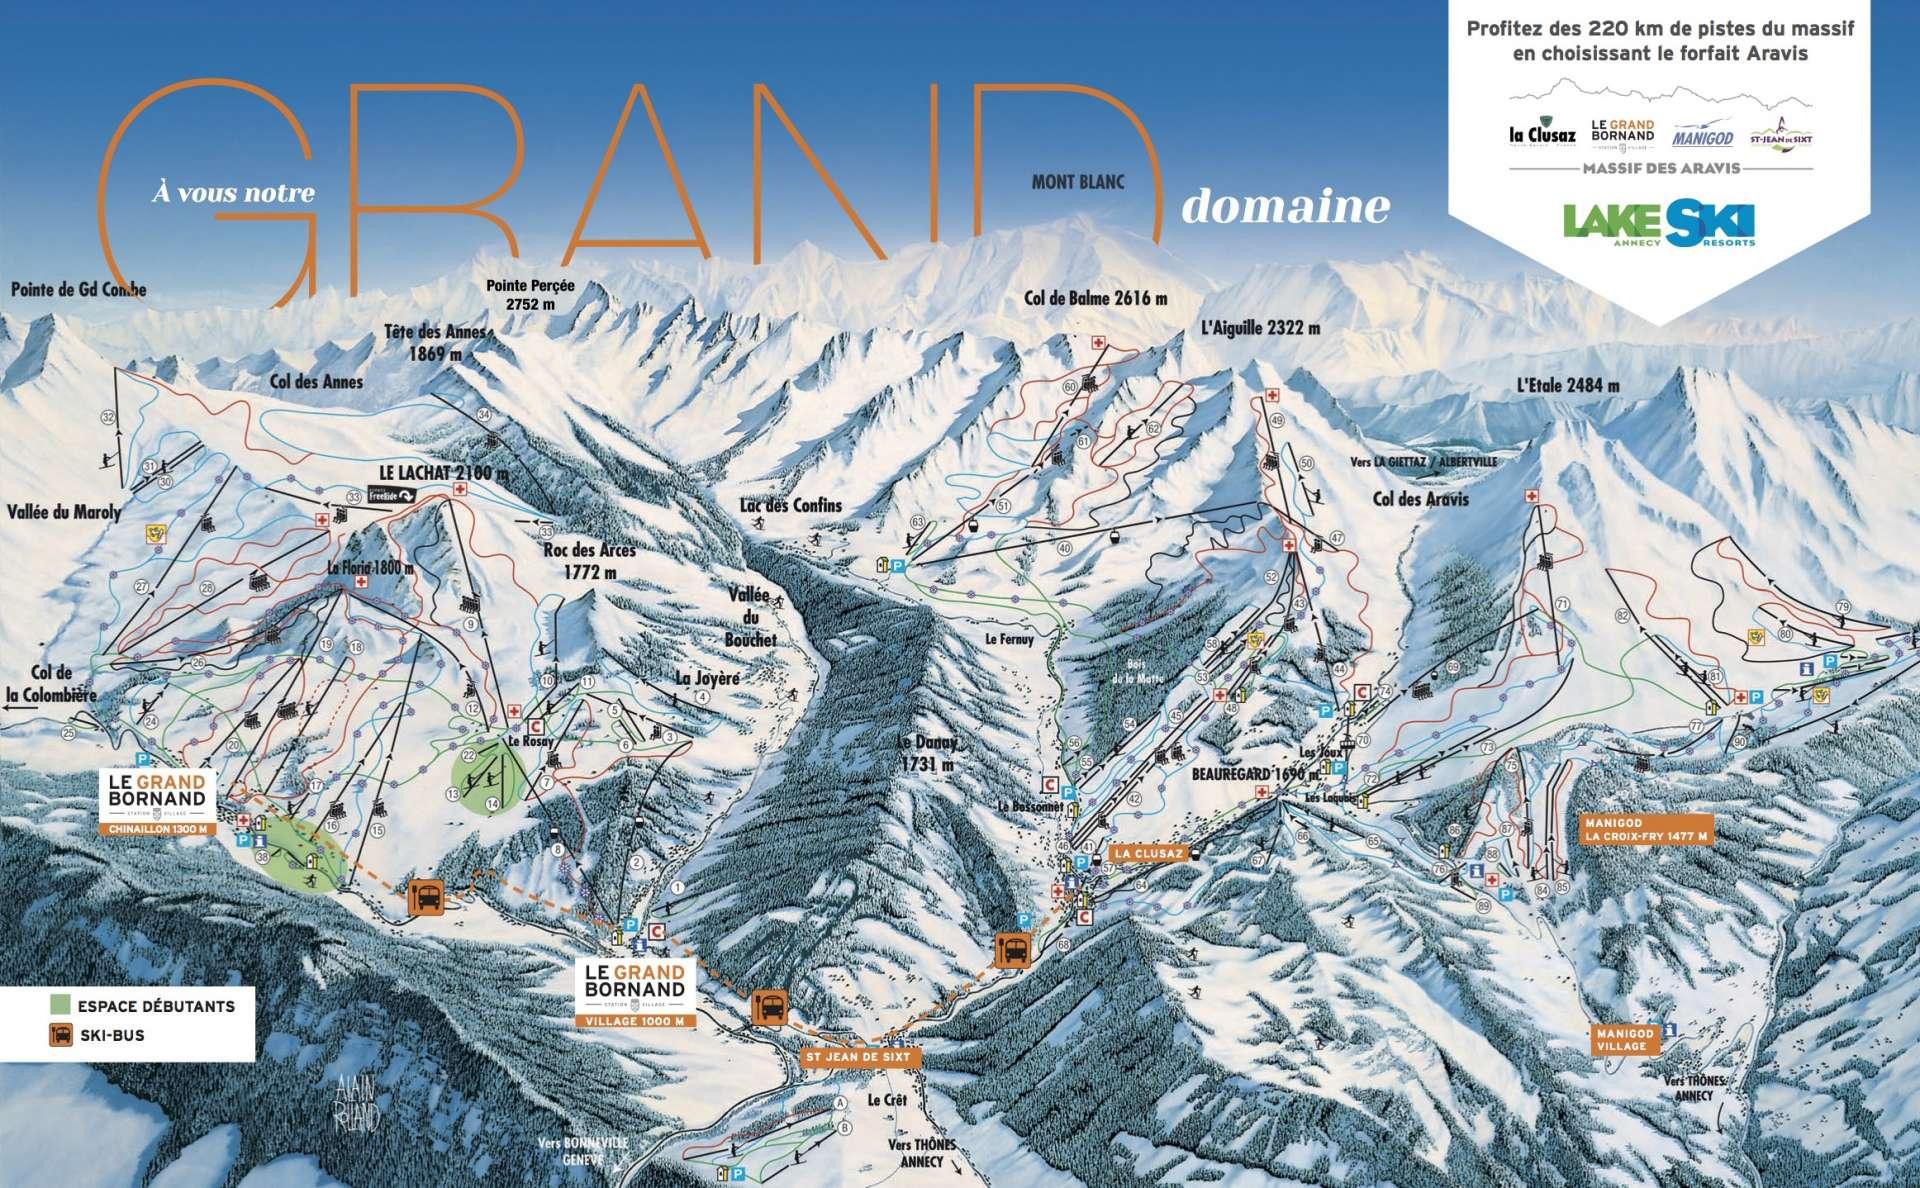 plan-des-pistes-du-domaine-skiable-alpin-du-massif-des-aravis-1043-1311